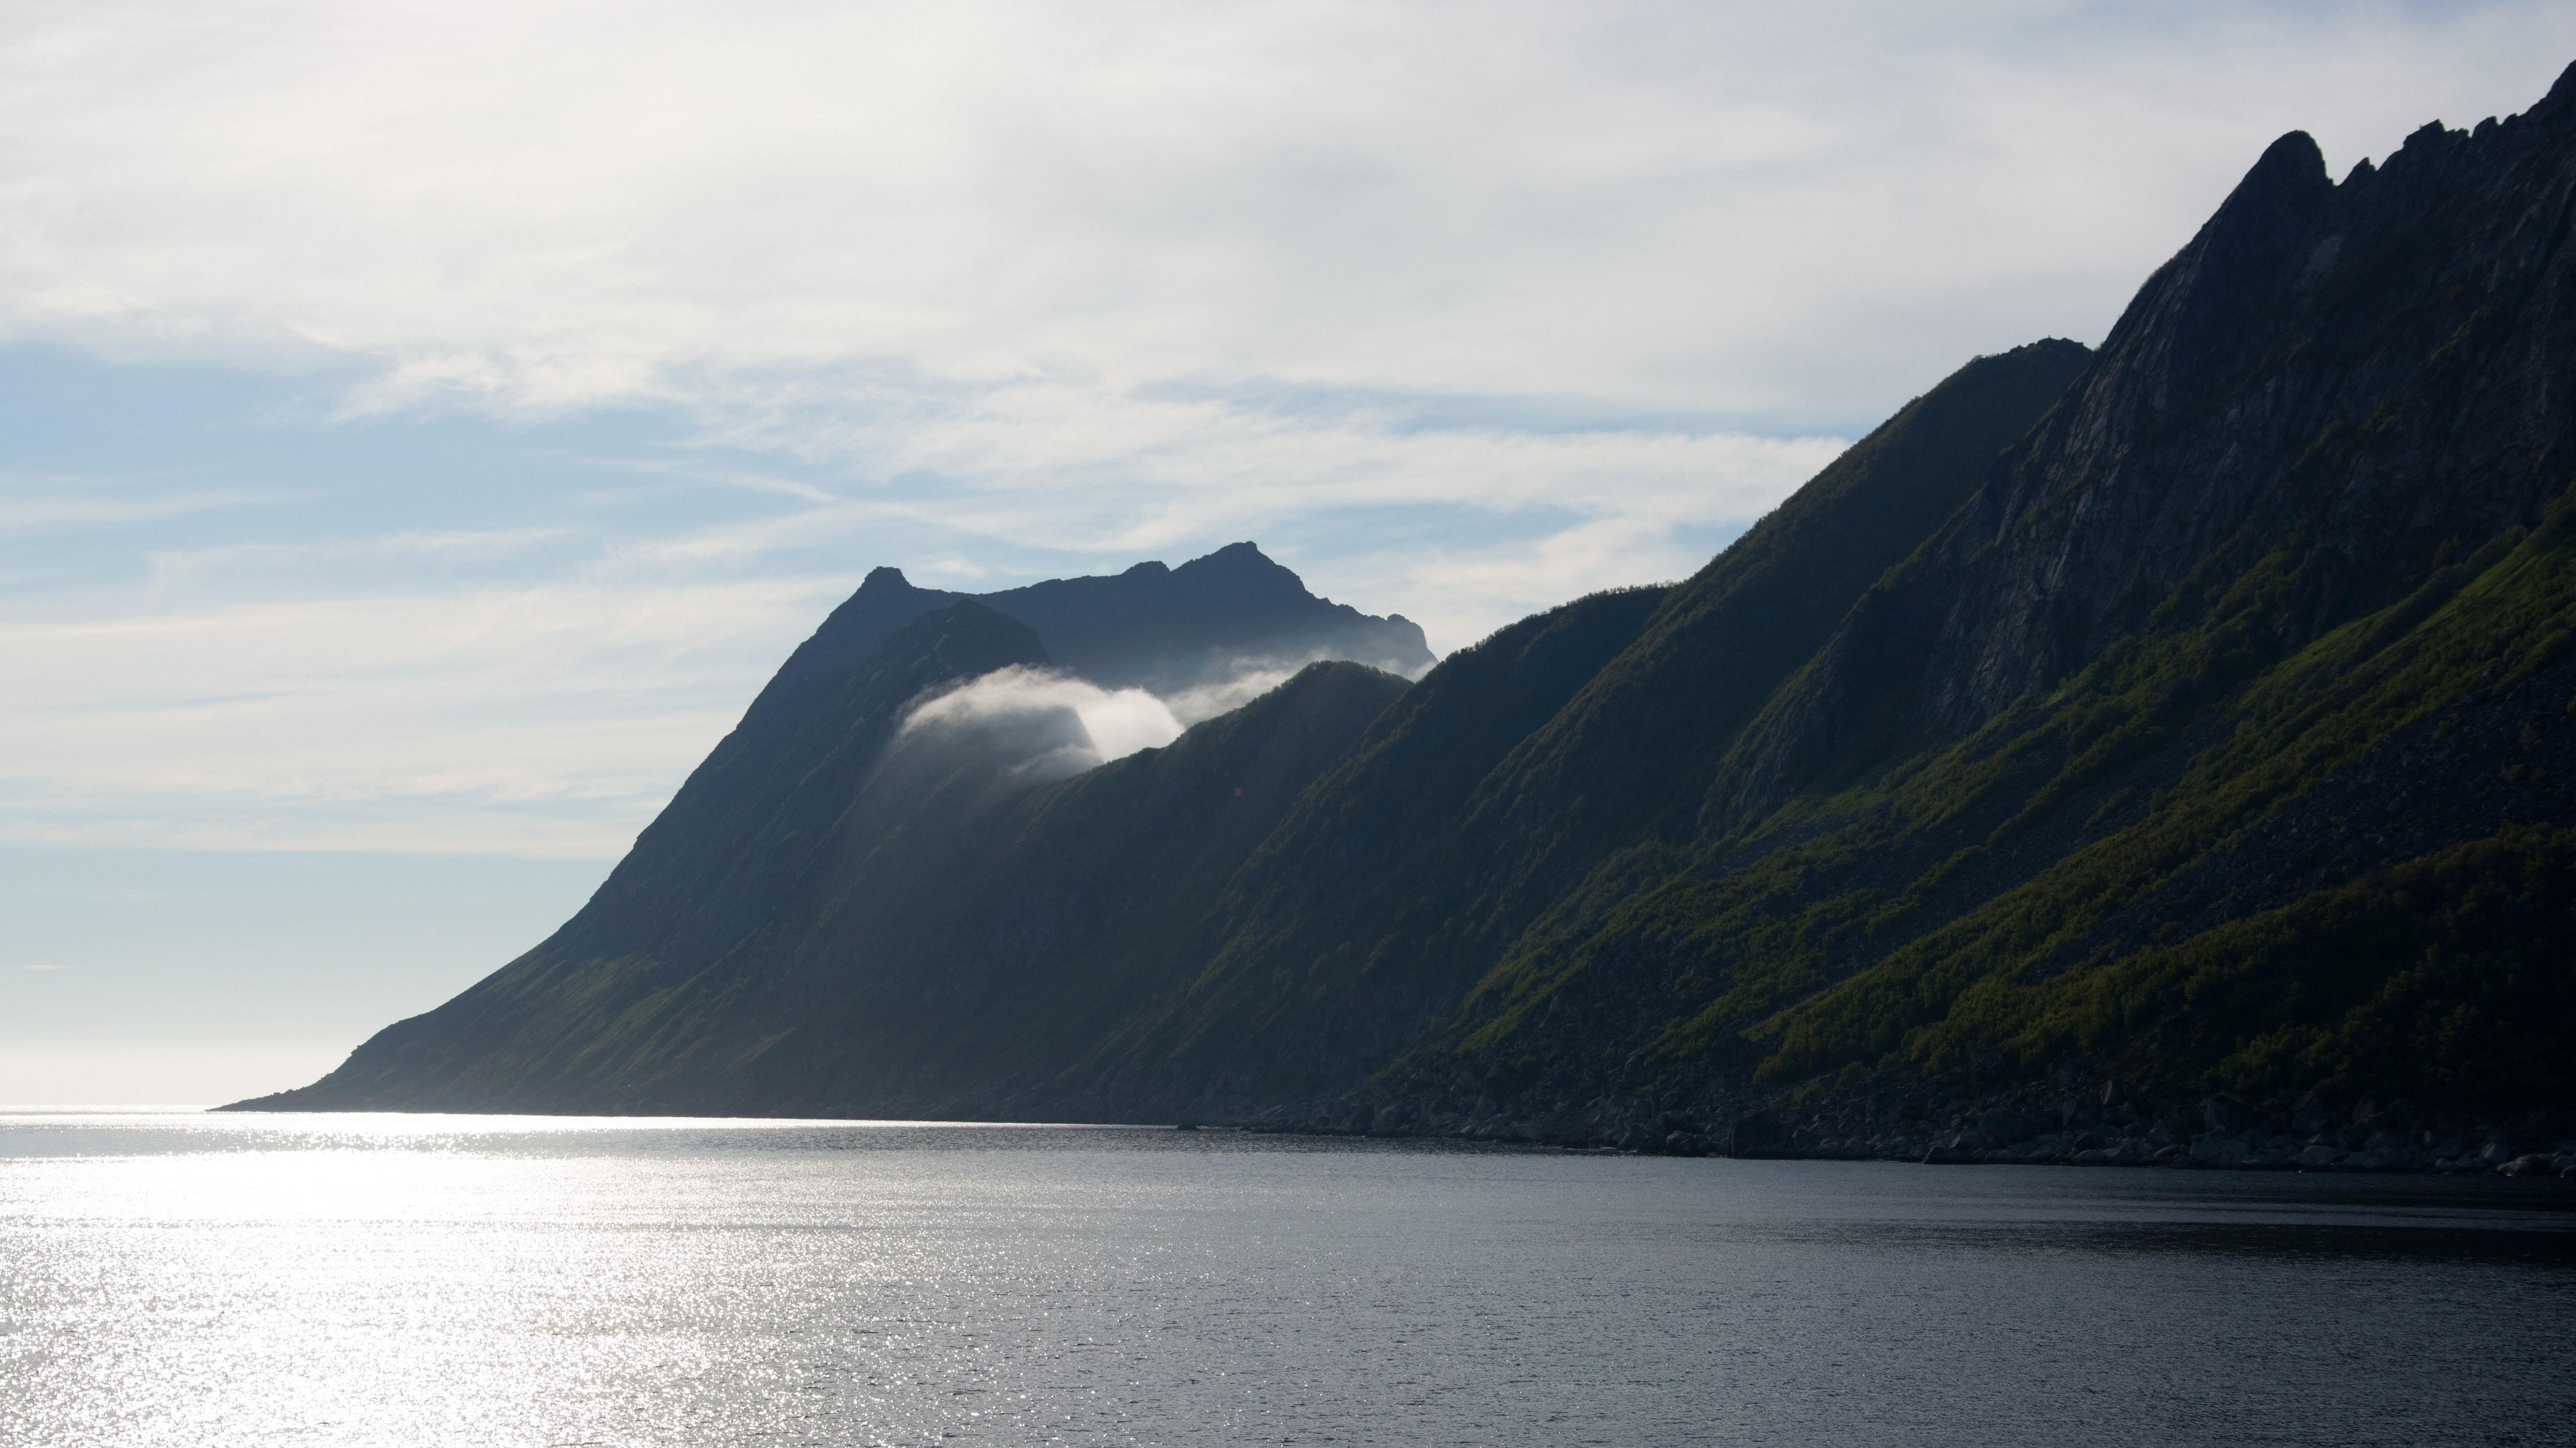 Blick auf die Berge Manestind und Olningsskaran in der Gemeinde Torsken auf der Insel Senja, in der Provinz Troms, Norwegen